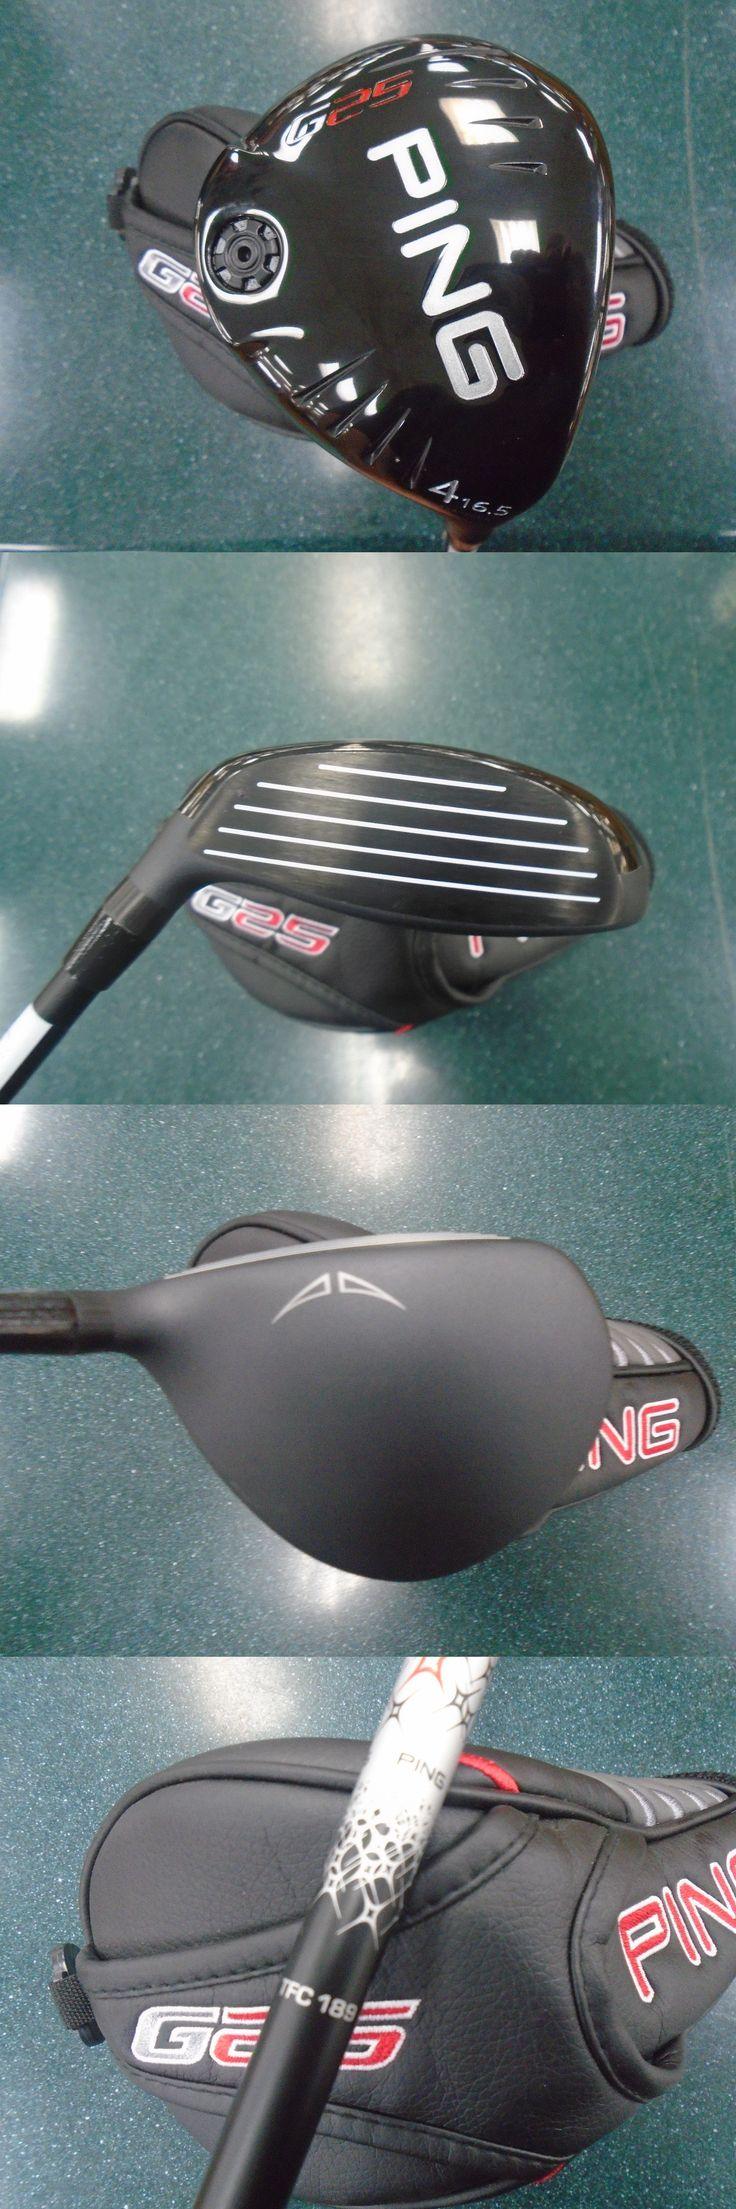 Golf Clubs 115280: Ping G25 16.5* Fairway 4 Wood Stiff Flex Golf Club BUY IT NOW ONLY: $149.99